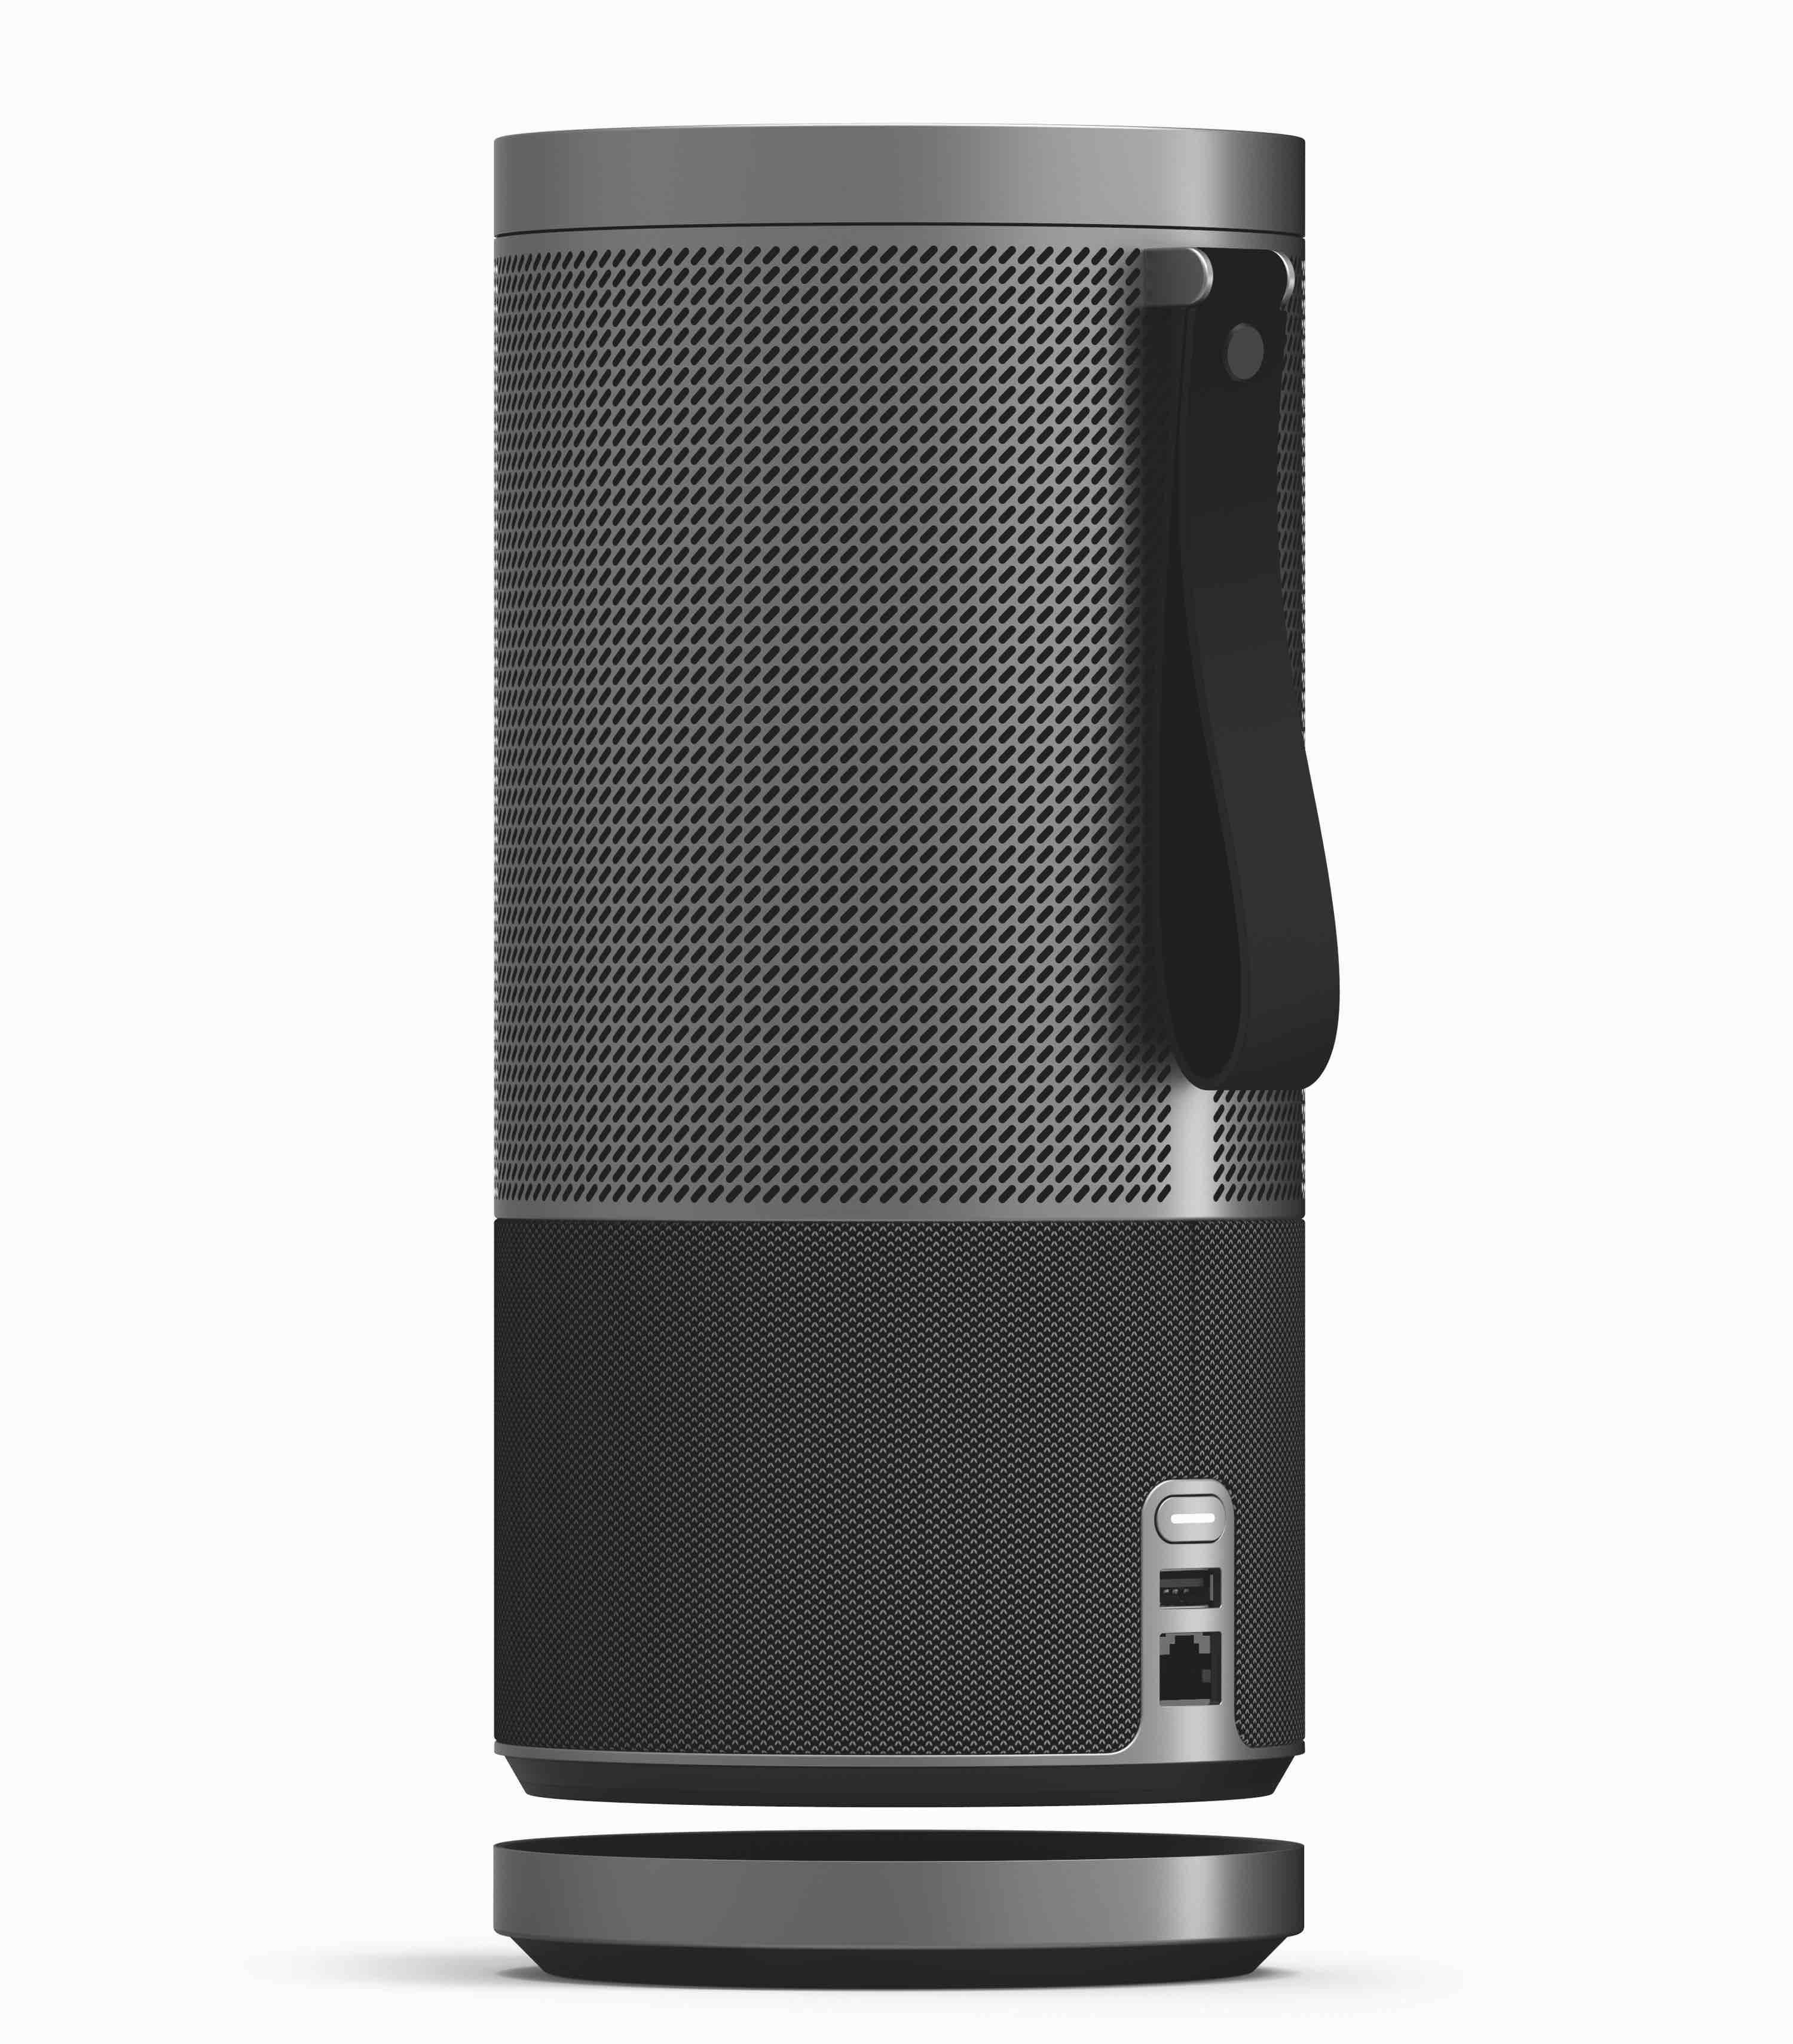 VIZIO SmartCast Crave 360, with charging doc